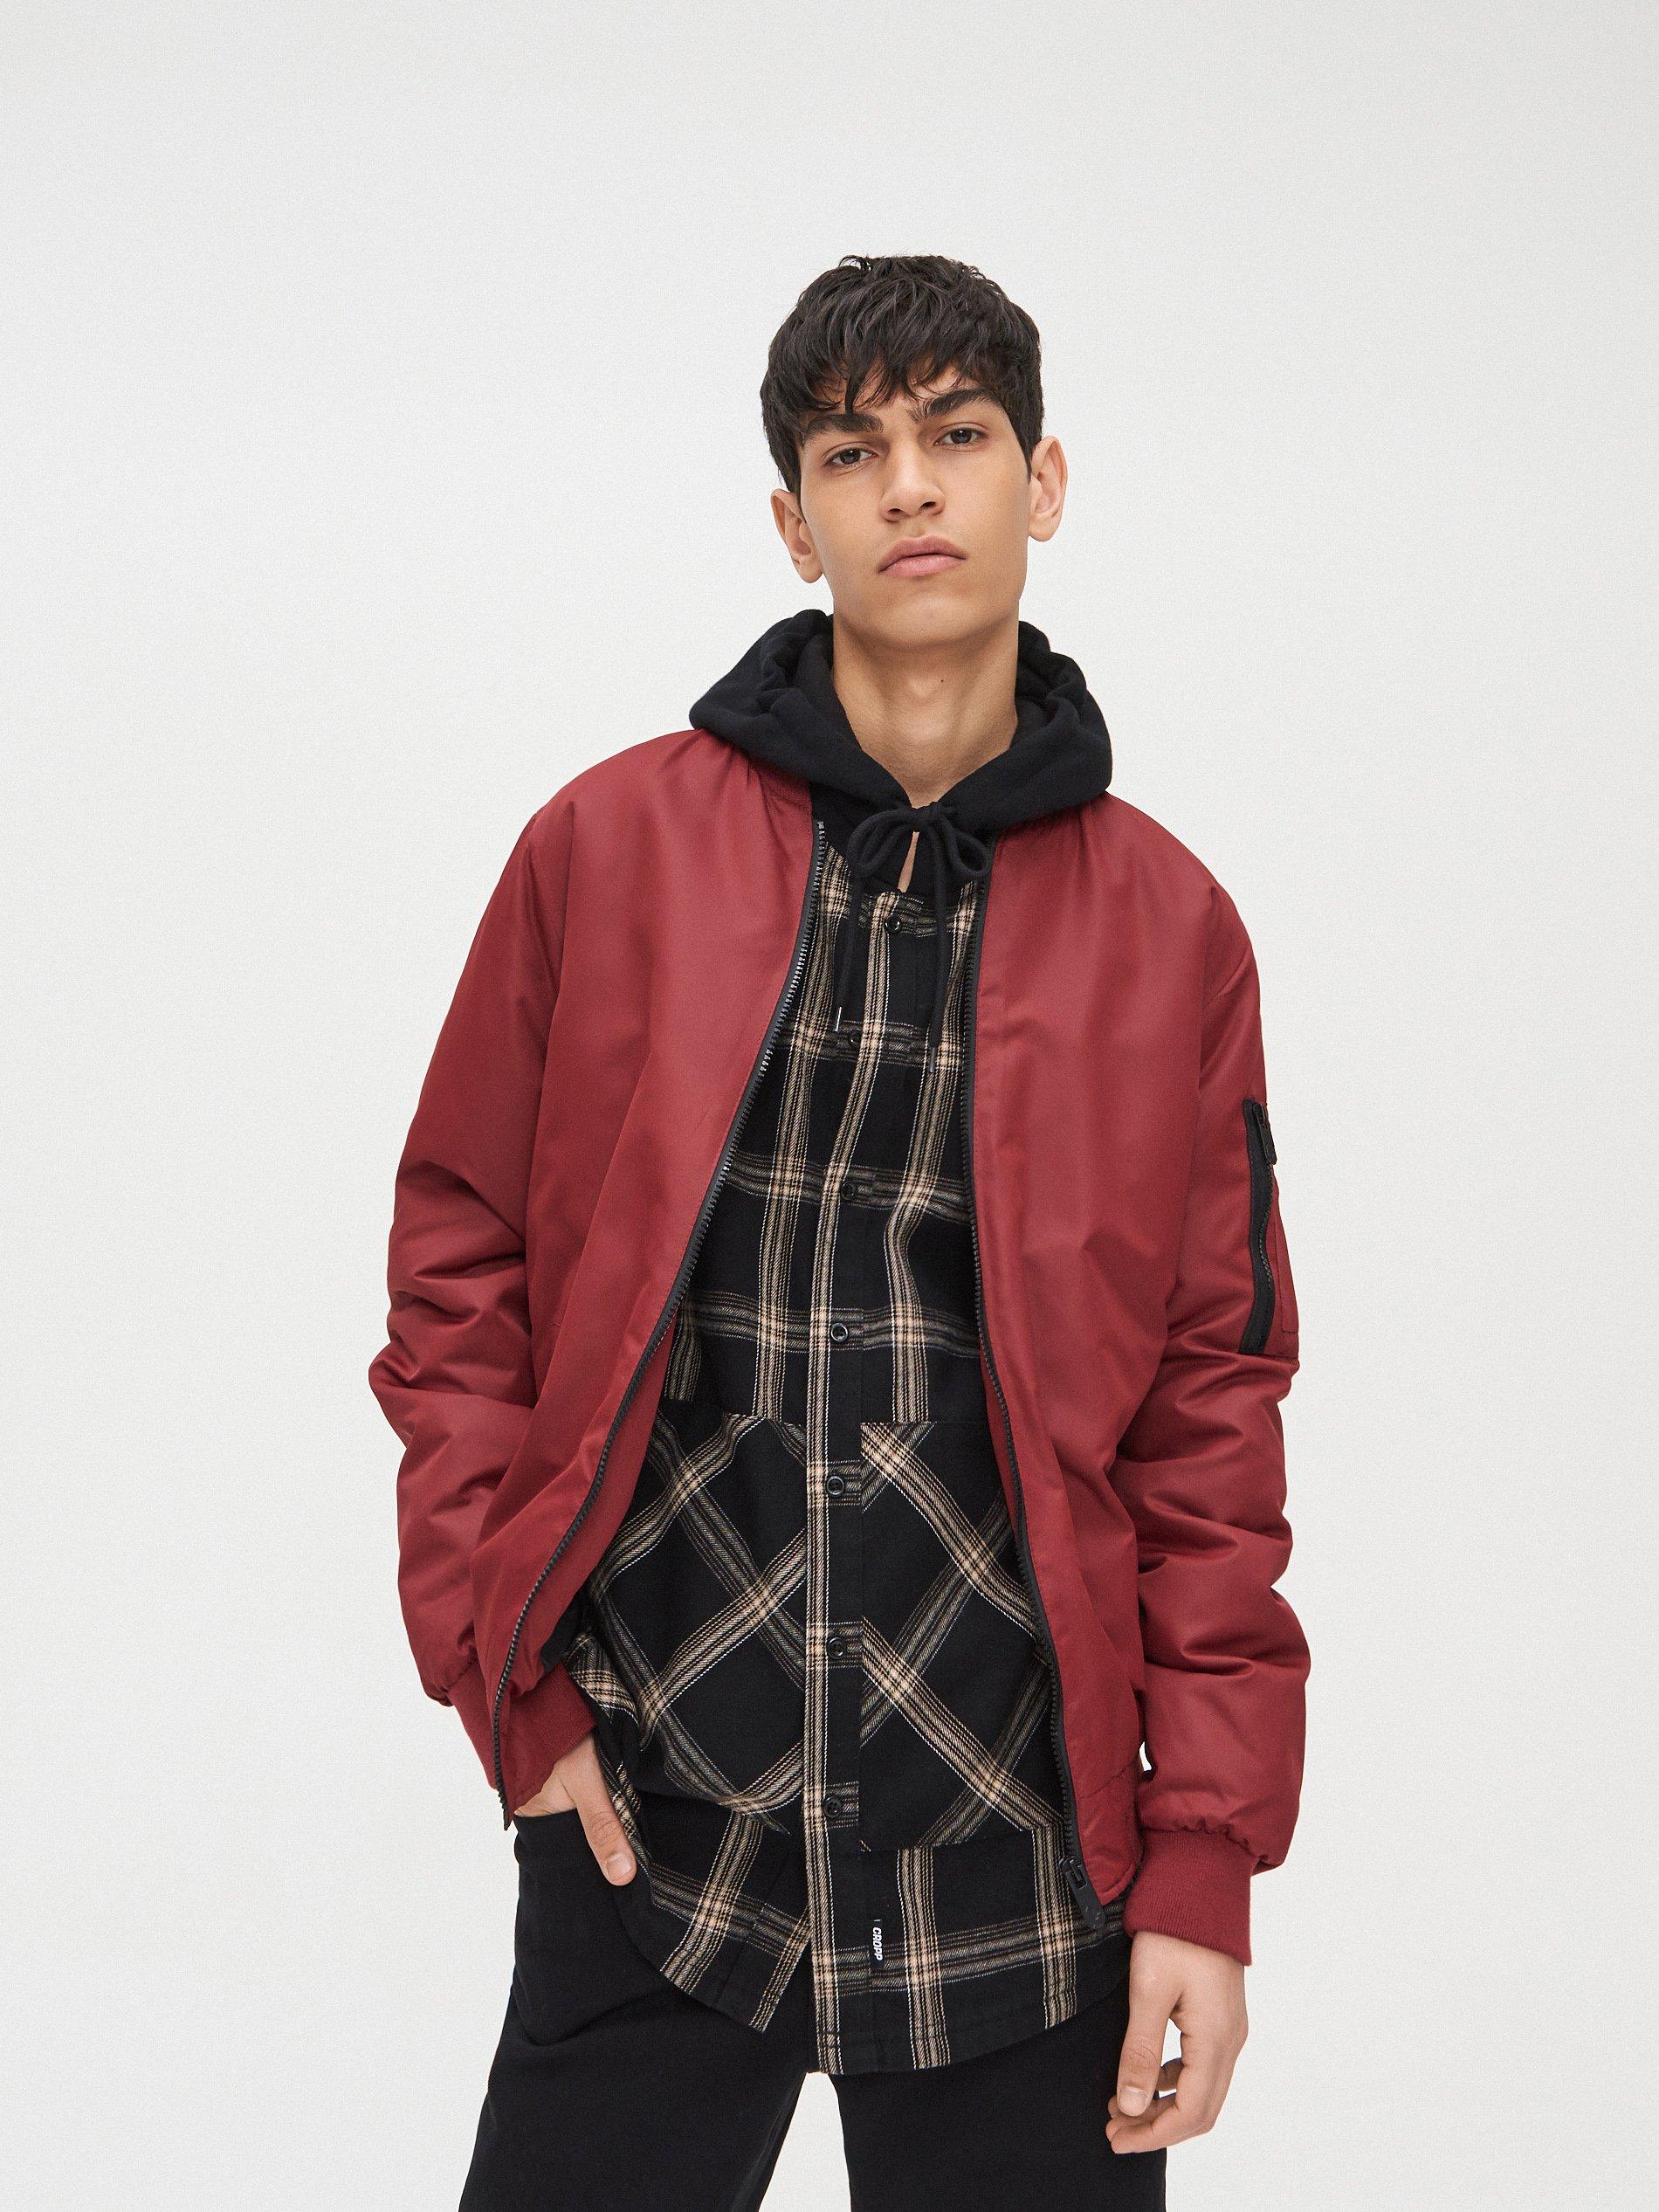 Moda Męska  Stylowe kurtki męskie - przegląd propozycji na jesień 2020